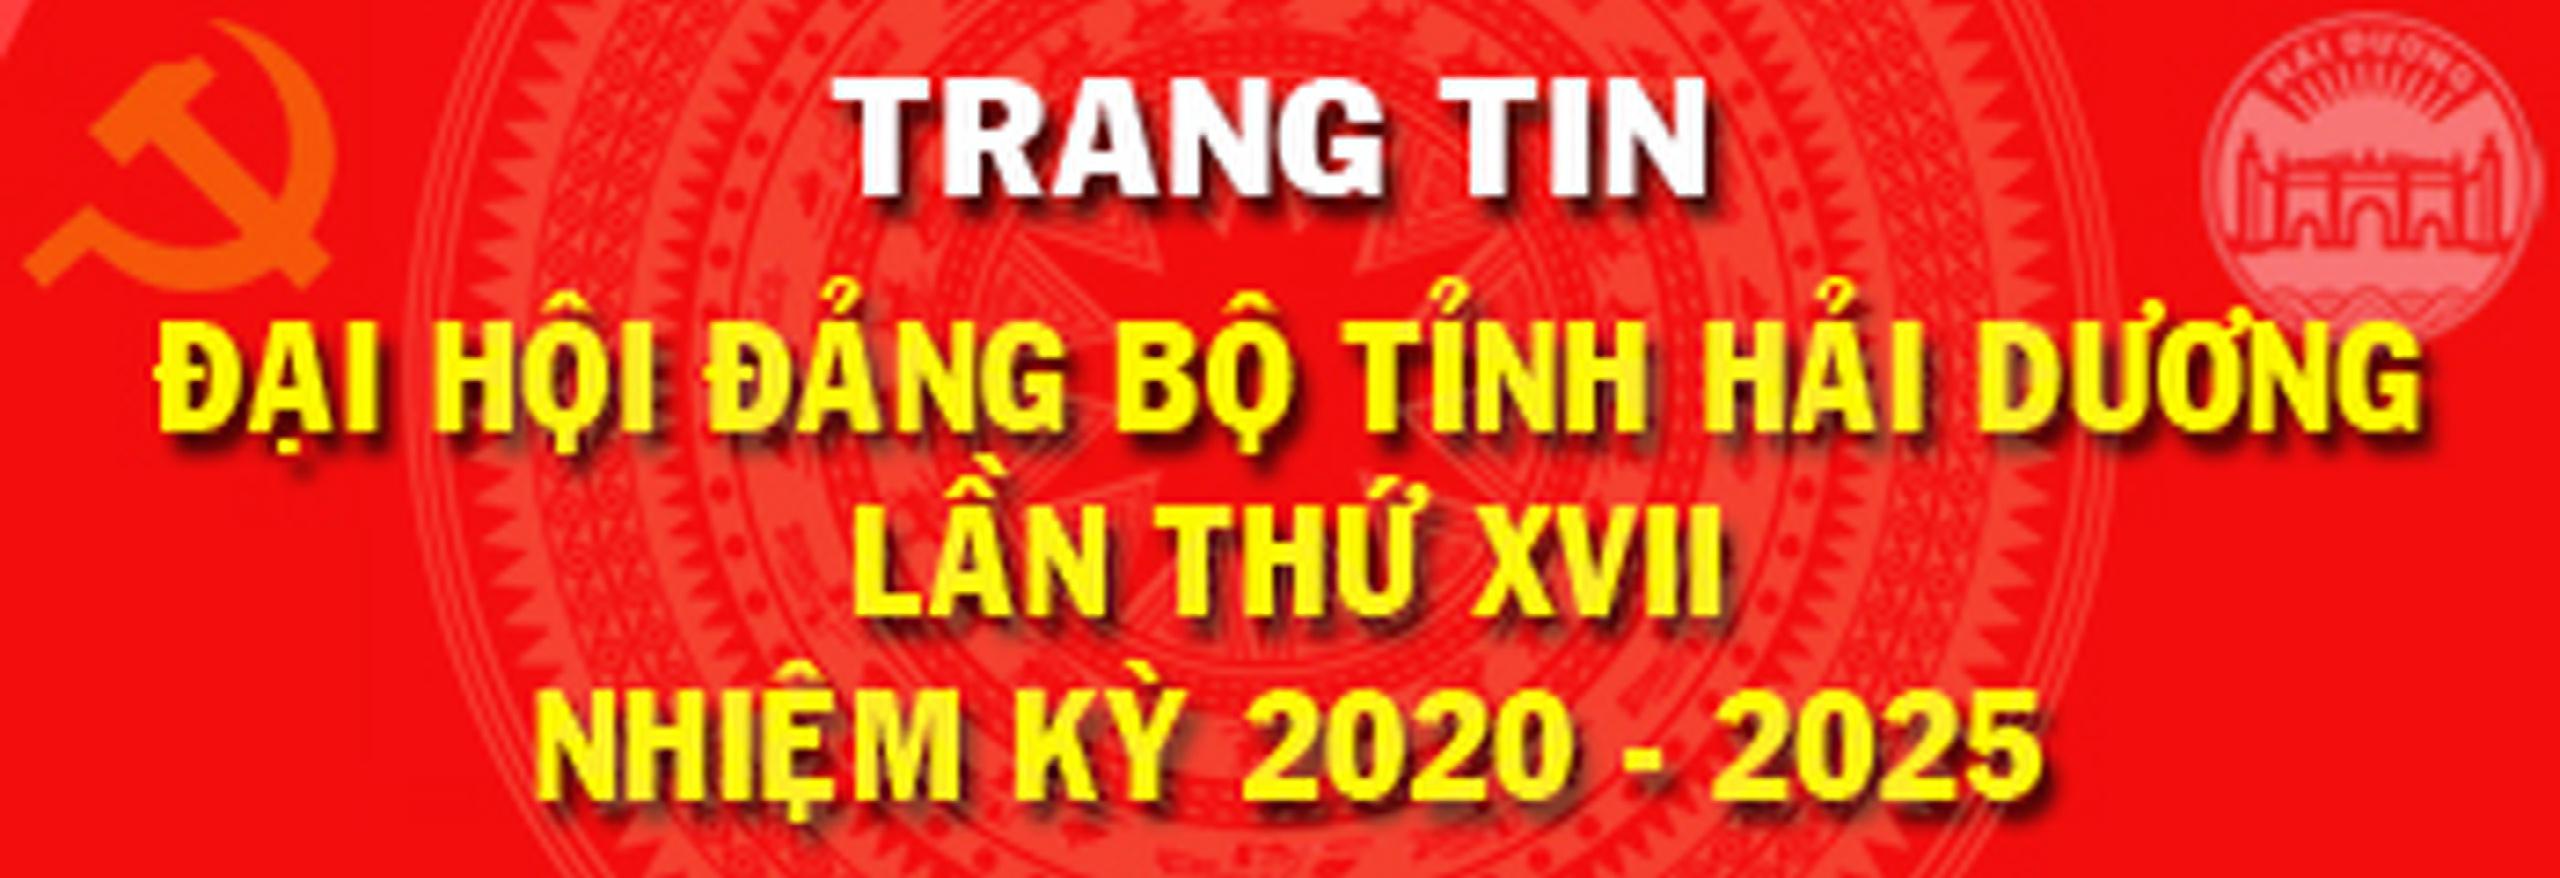 Trang Thông tin Đại hội Đảng bộ tỉnh Hải Dương